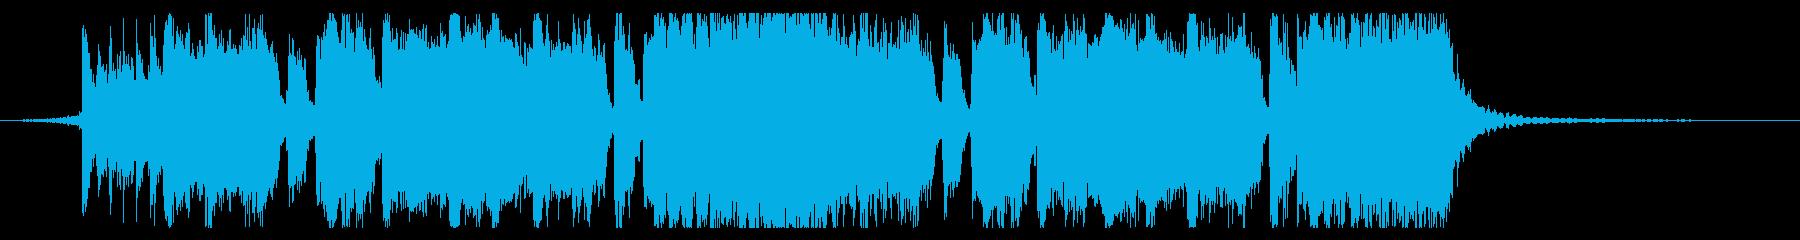 シンプルなメタル系のジングル3の再生済みの波形